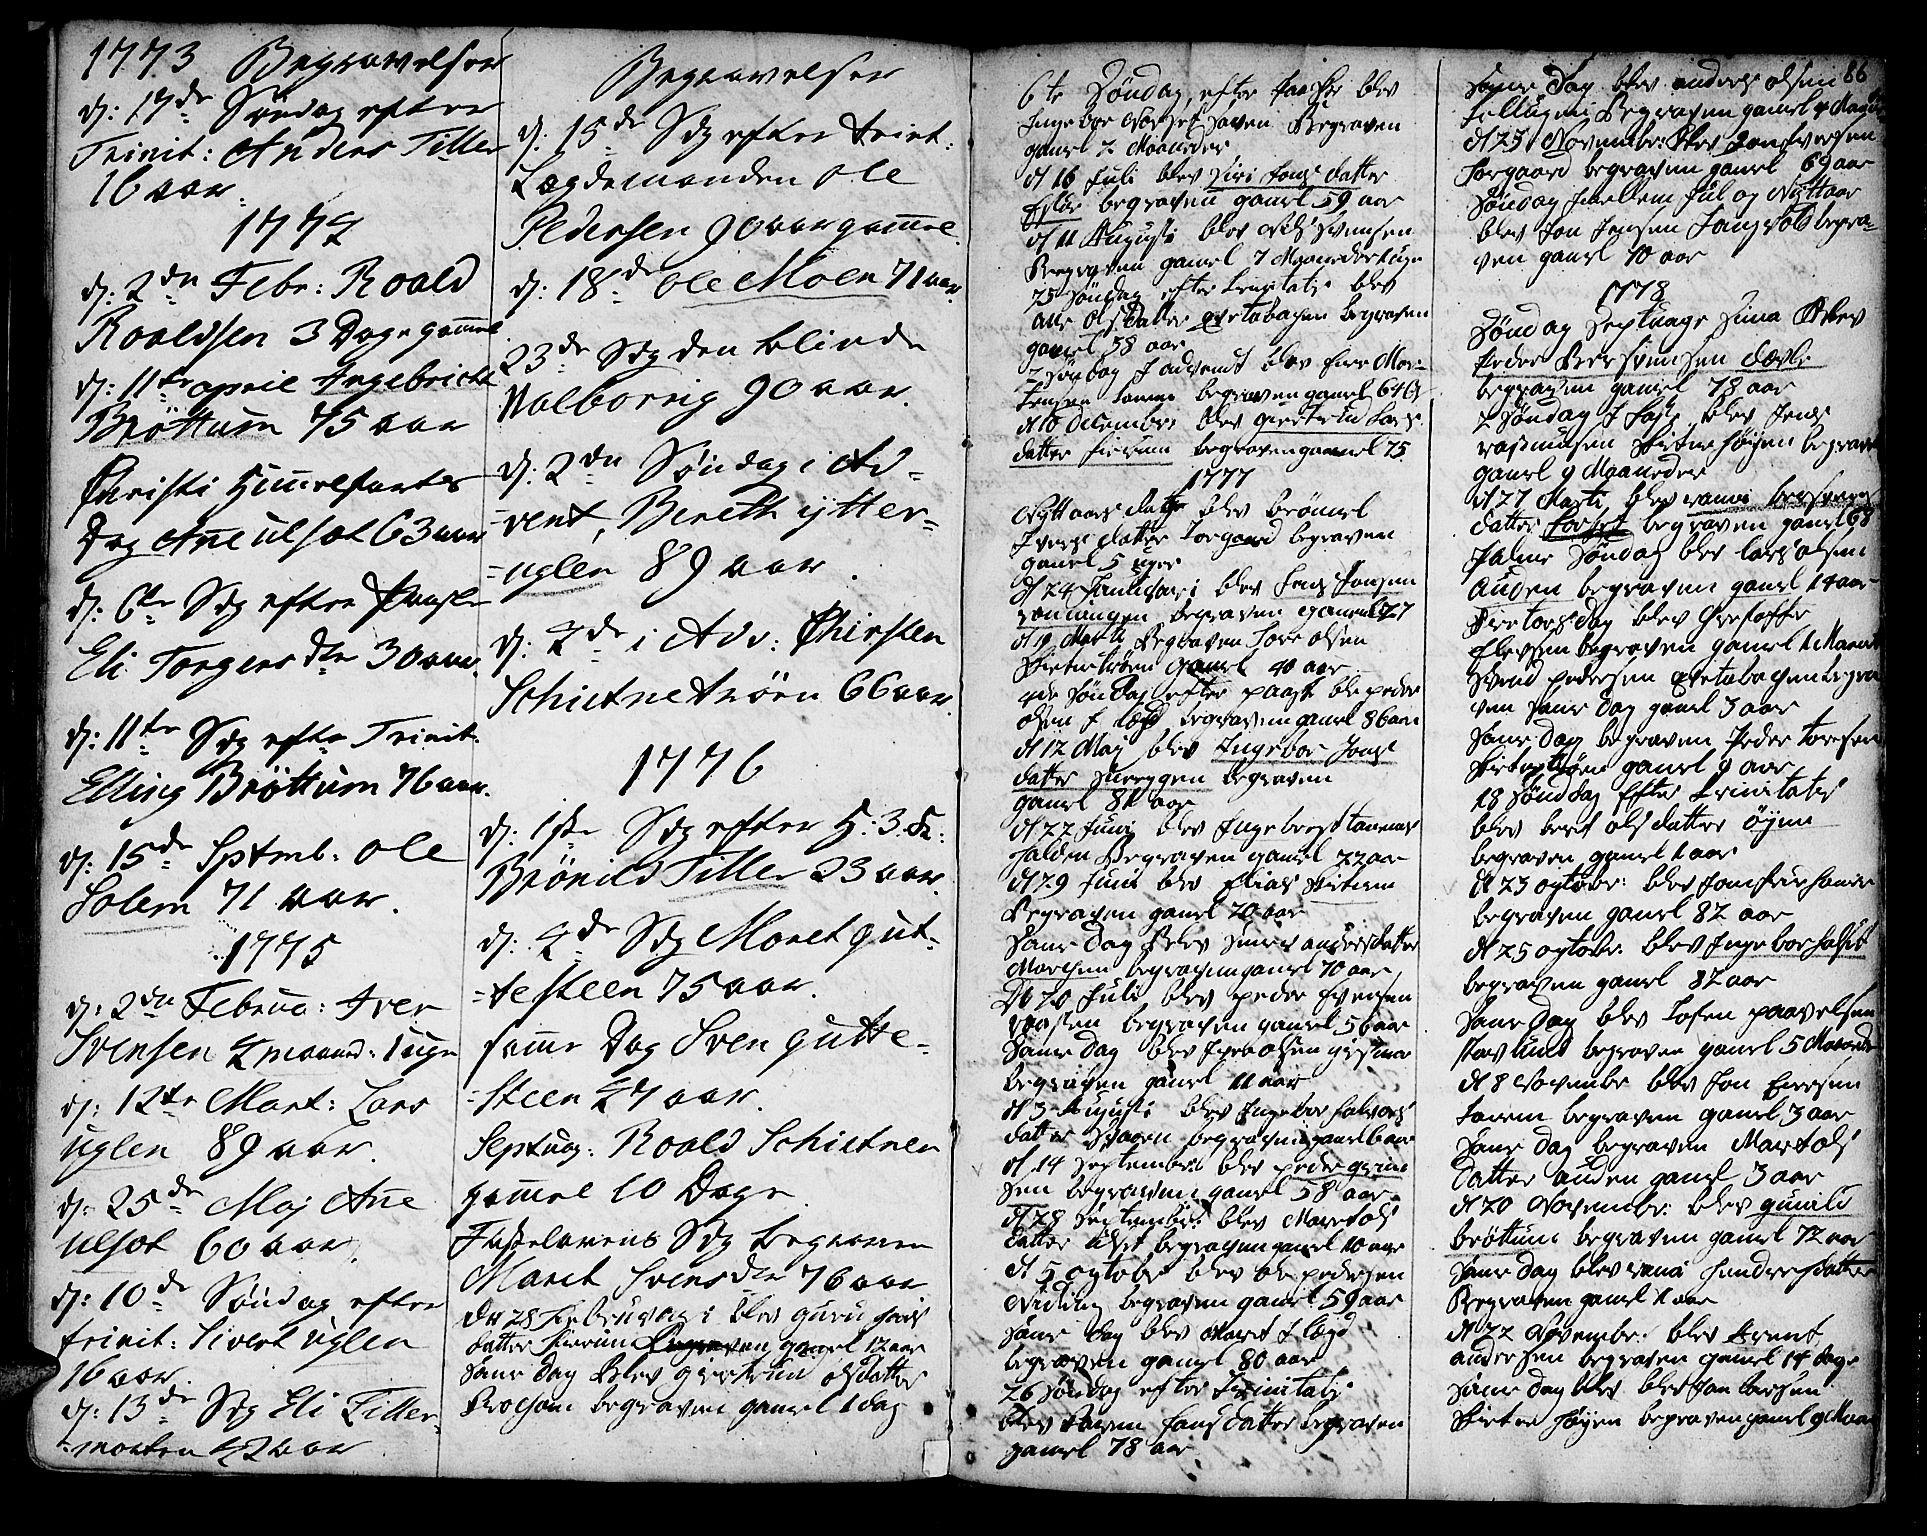 SAT, Ministerialprotokoller, klokkerbøker og fødselsregistre - Sør-Trøndelag, 618/L0437: Ministerialbok nr. 618A02, 1749-1782, s. 86